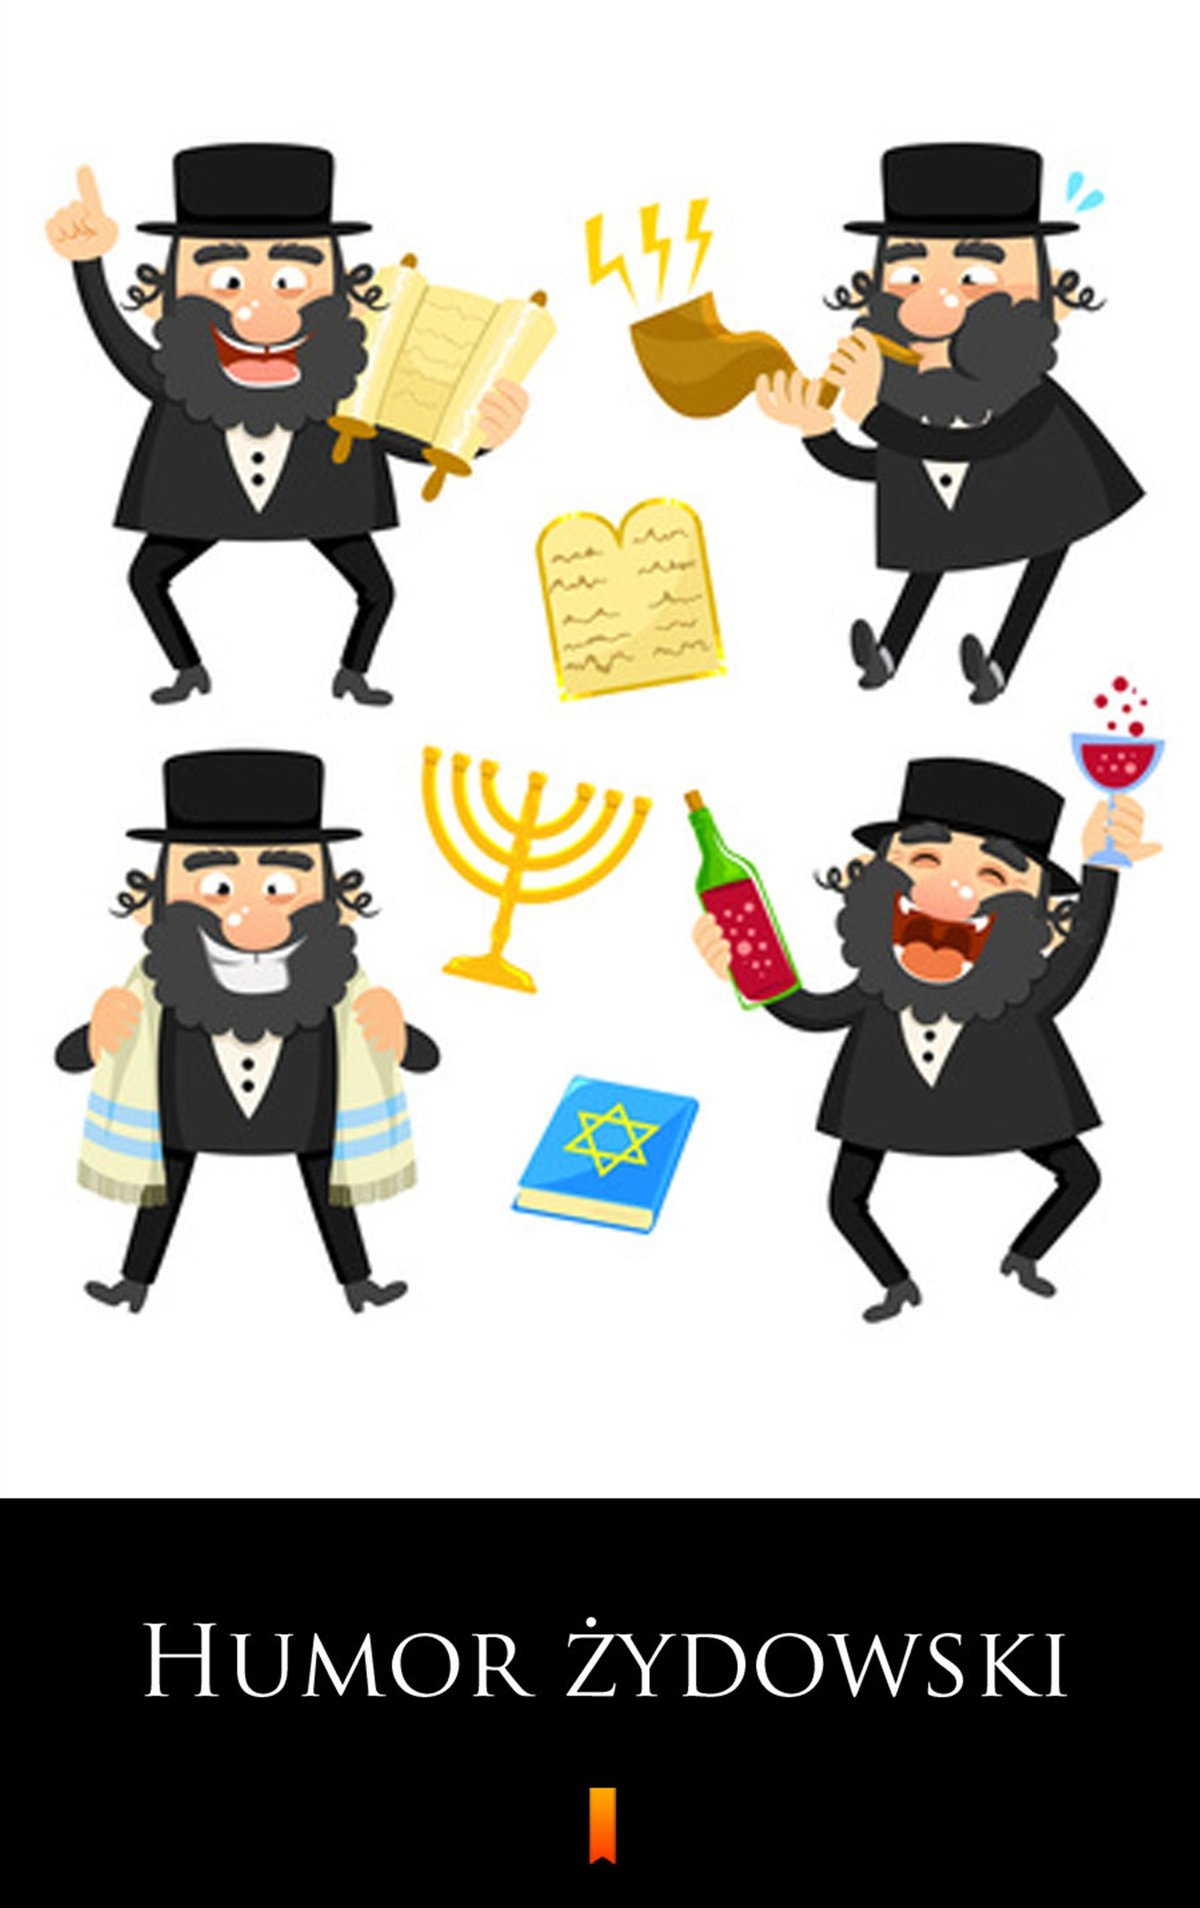 Humor żydowski - Ebook (Książka EPUB) do pobrania w formacie EPUB